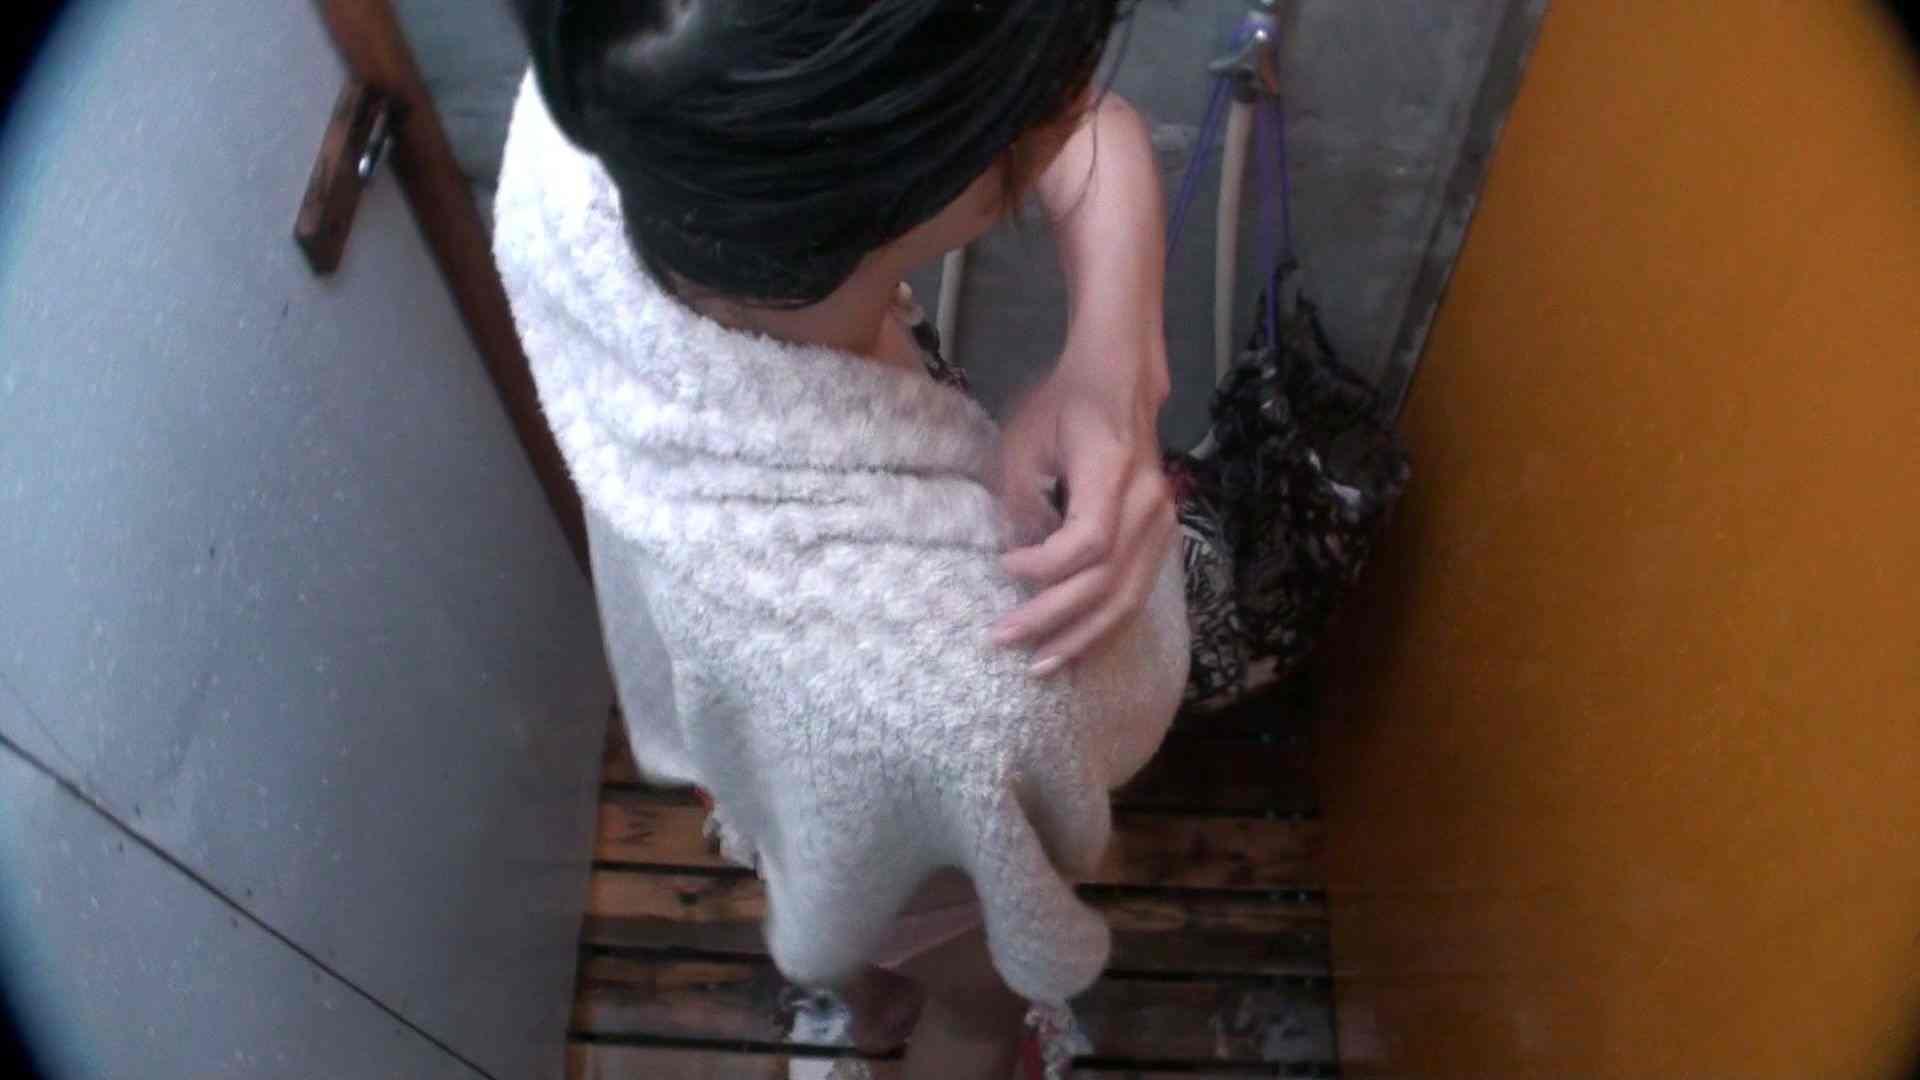 無修正エロ動画|シャワールームは超!!危険な香りVol.21 オメメぱっちり貧乳ギャル鼻くそほじっても可愛いです|ピープフォックス(盗撮狐)